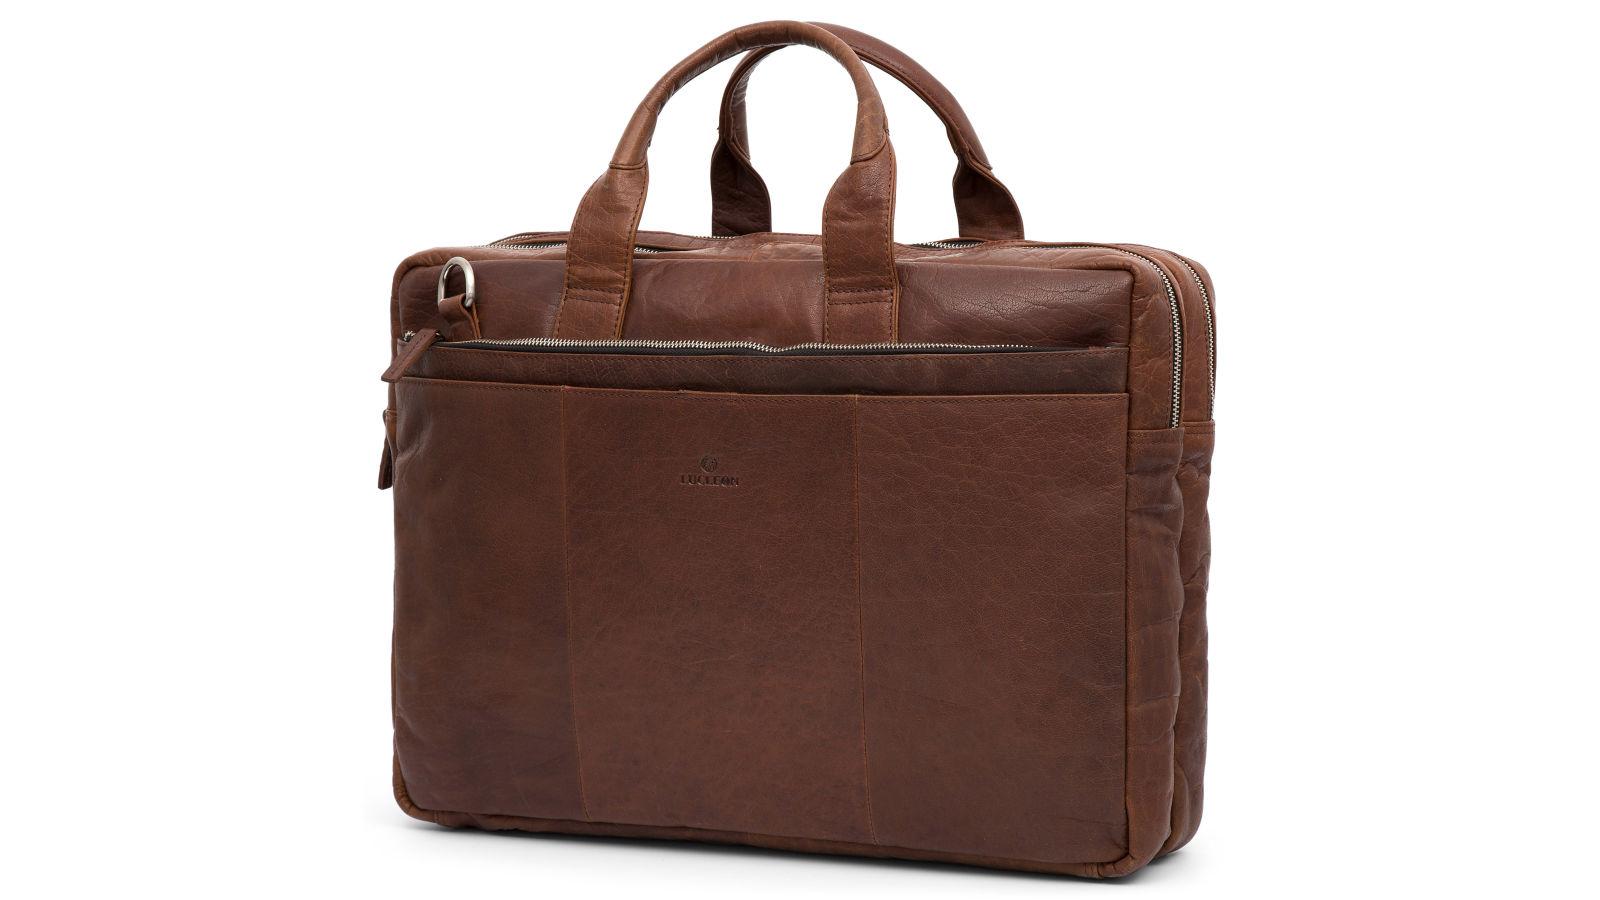 71dca3c746 Svetlo hnedá kožená taška na notebook Montreal XL